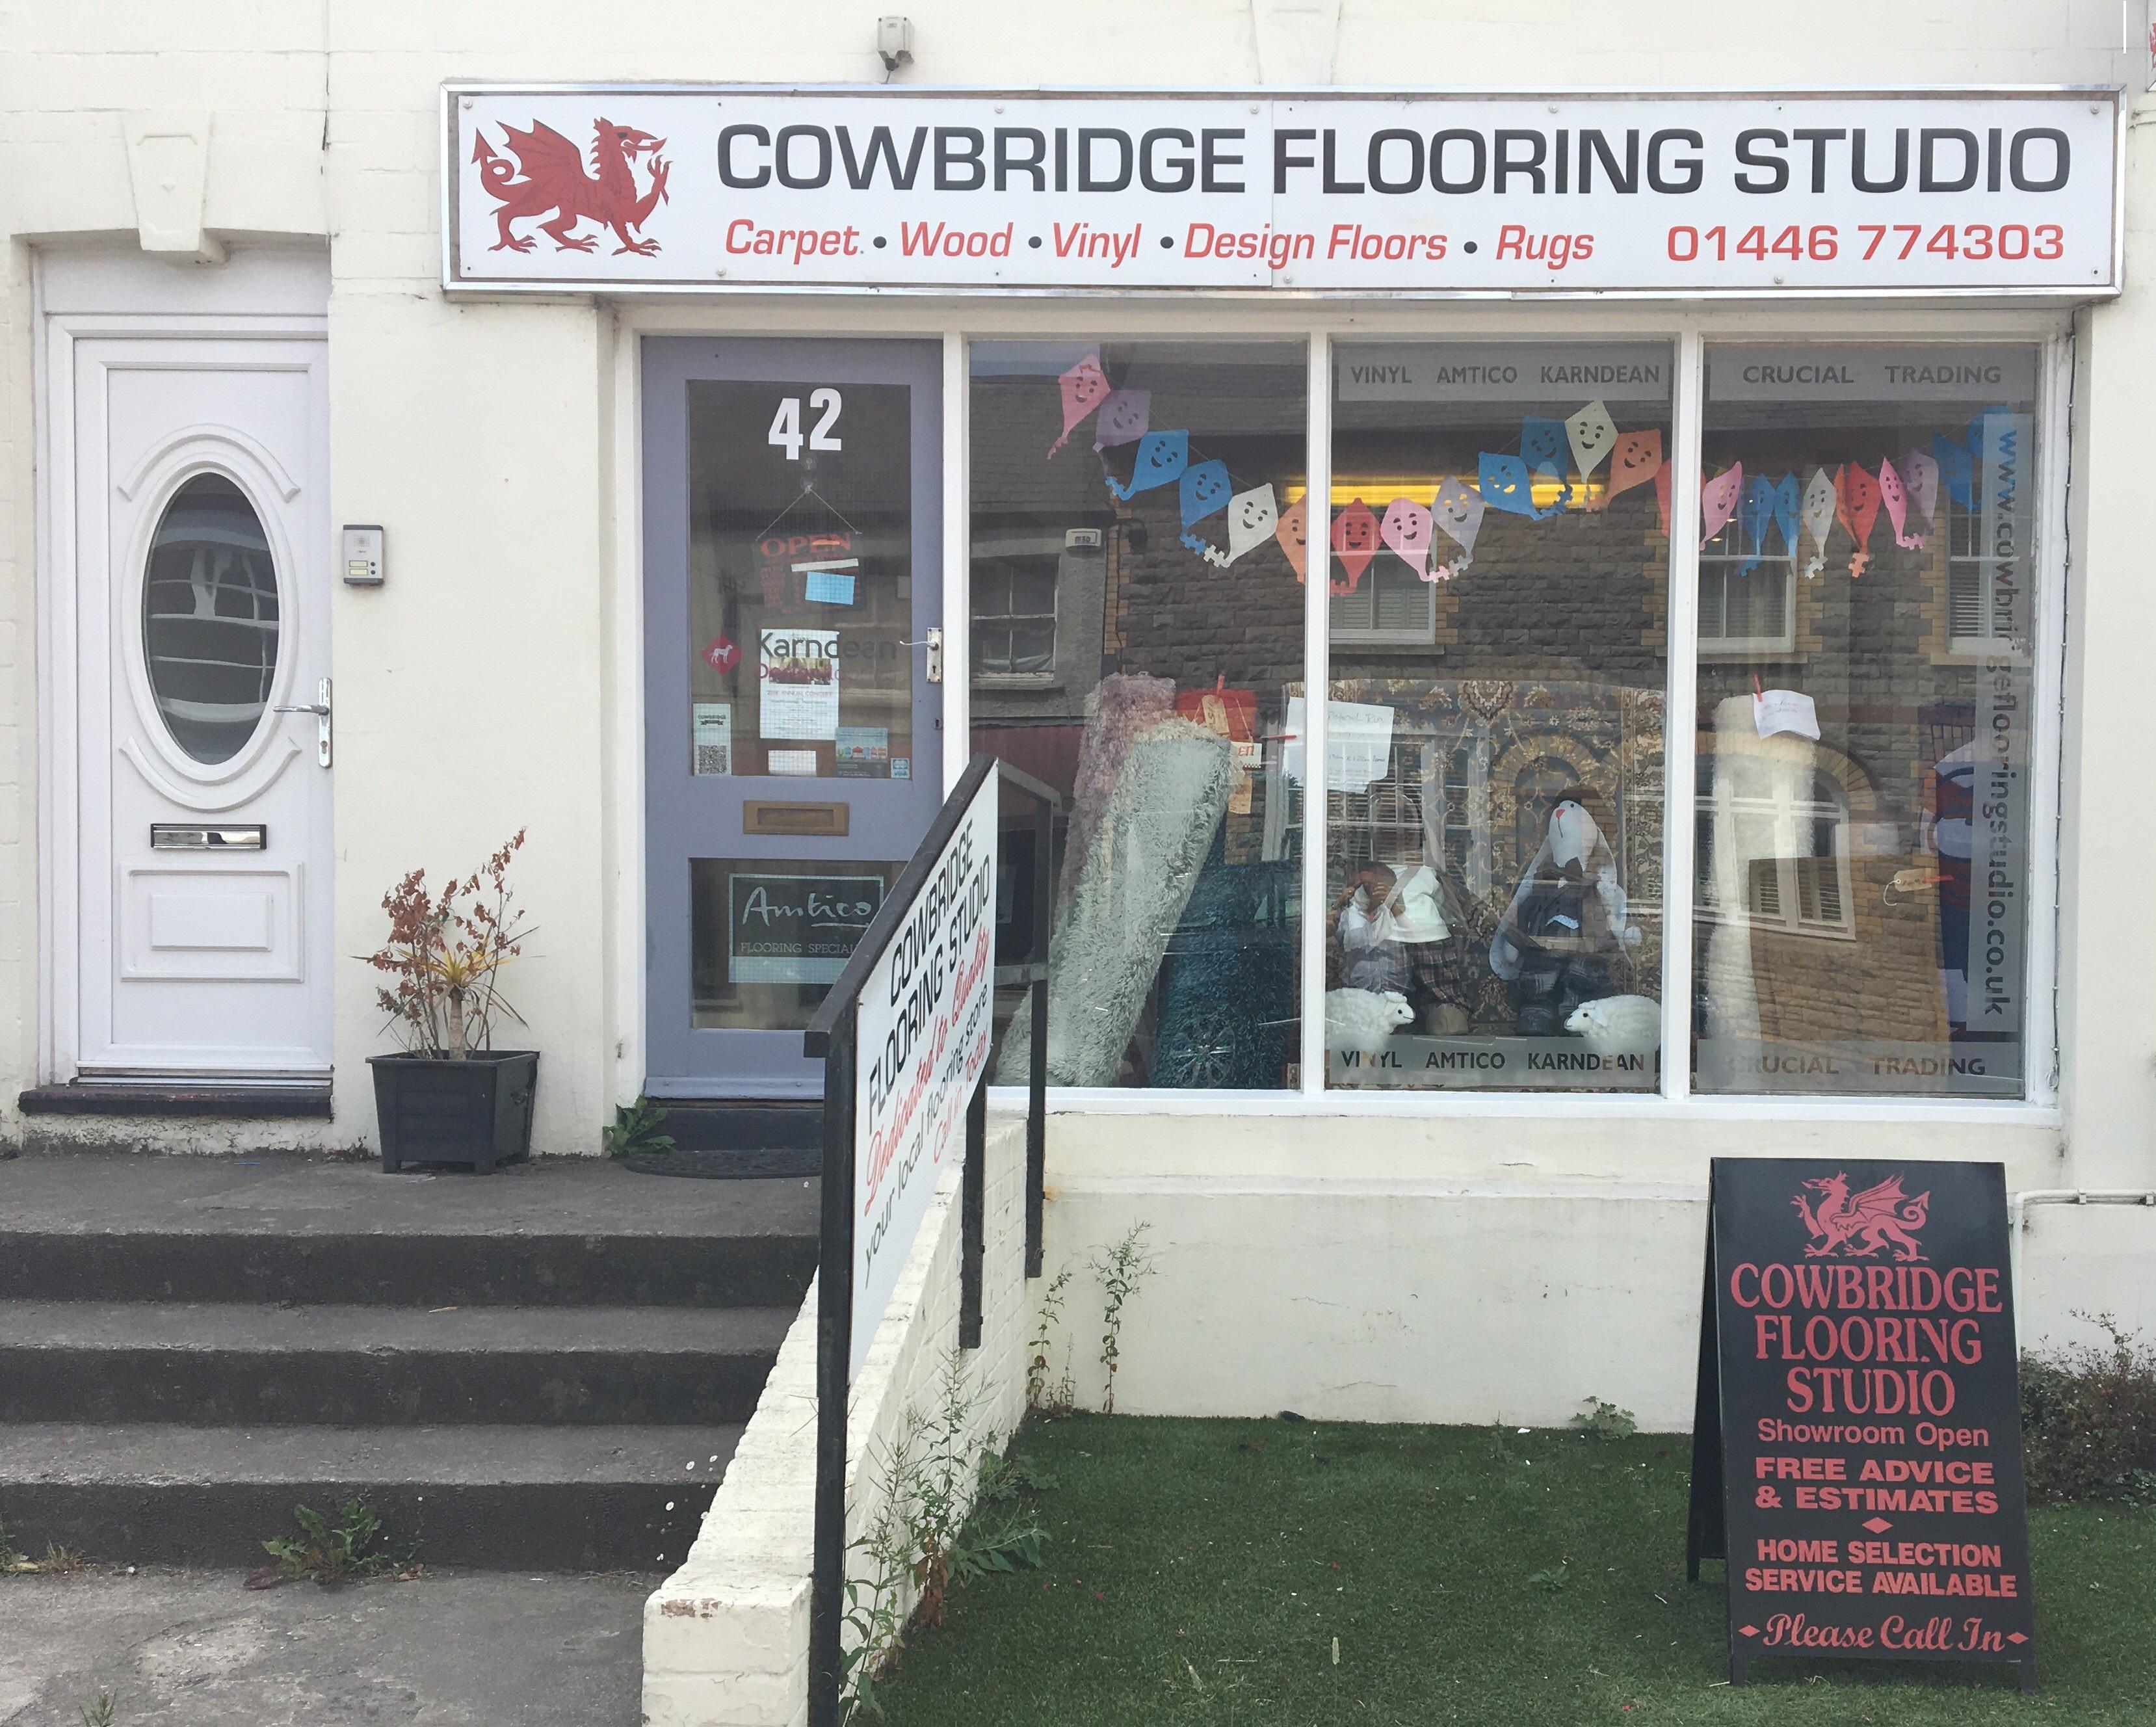 Main photo for Cowbridge Flooring Studio